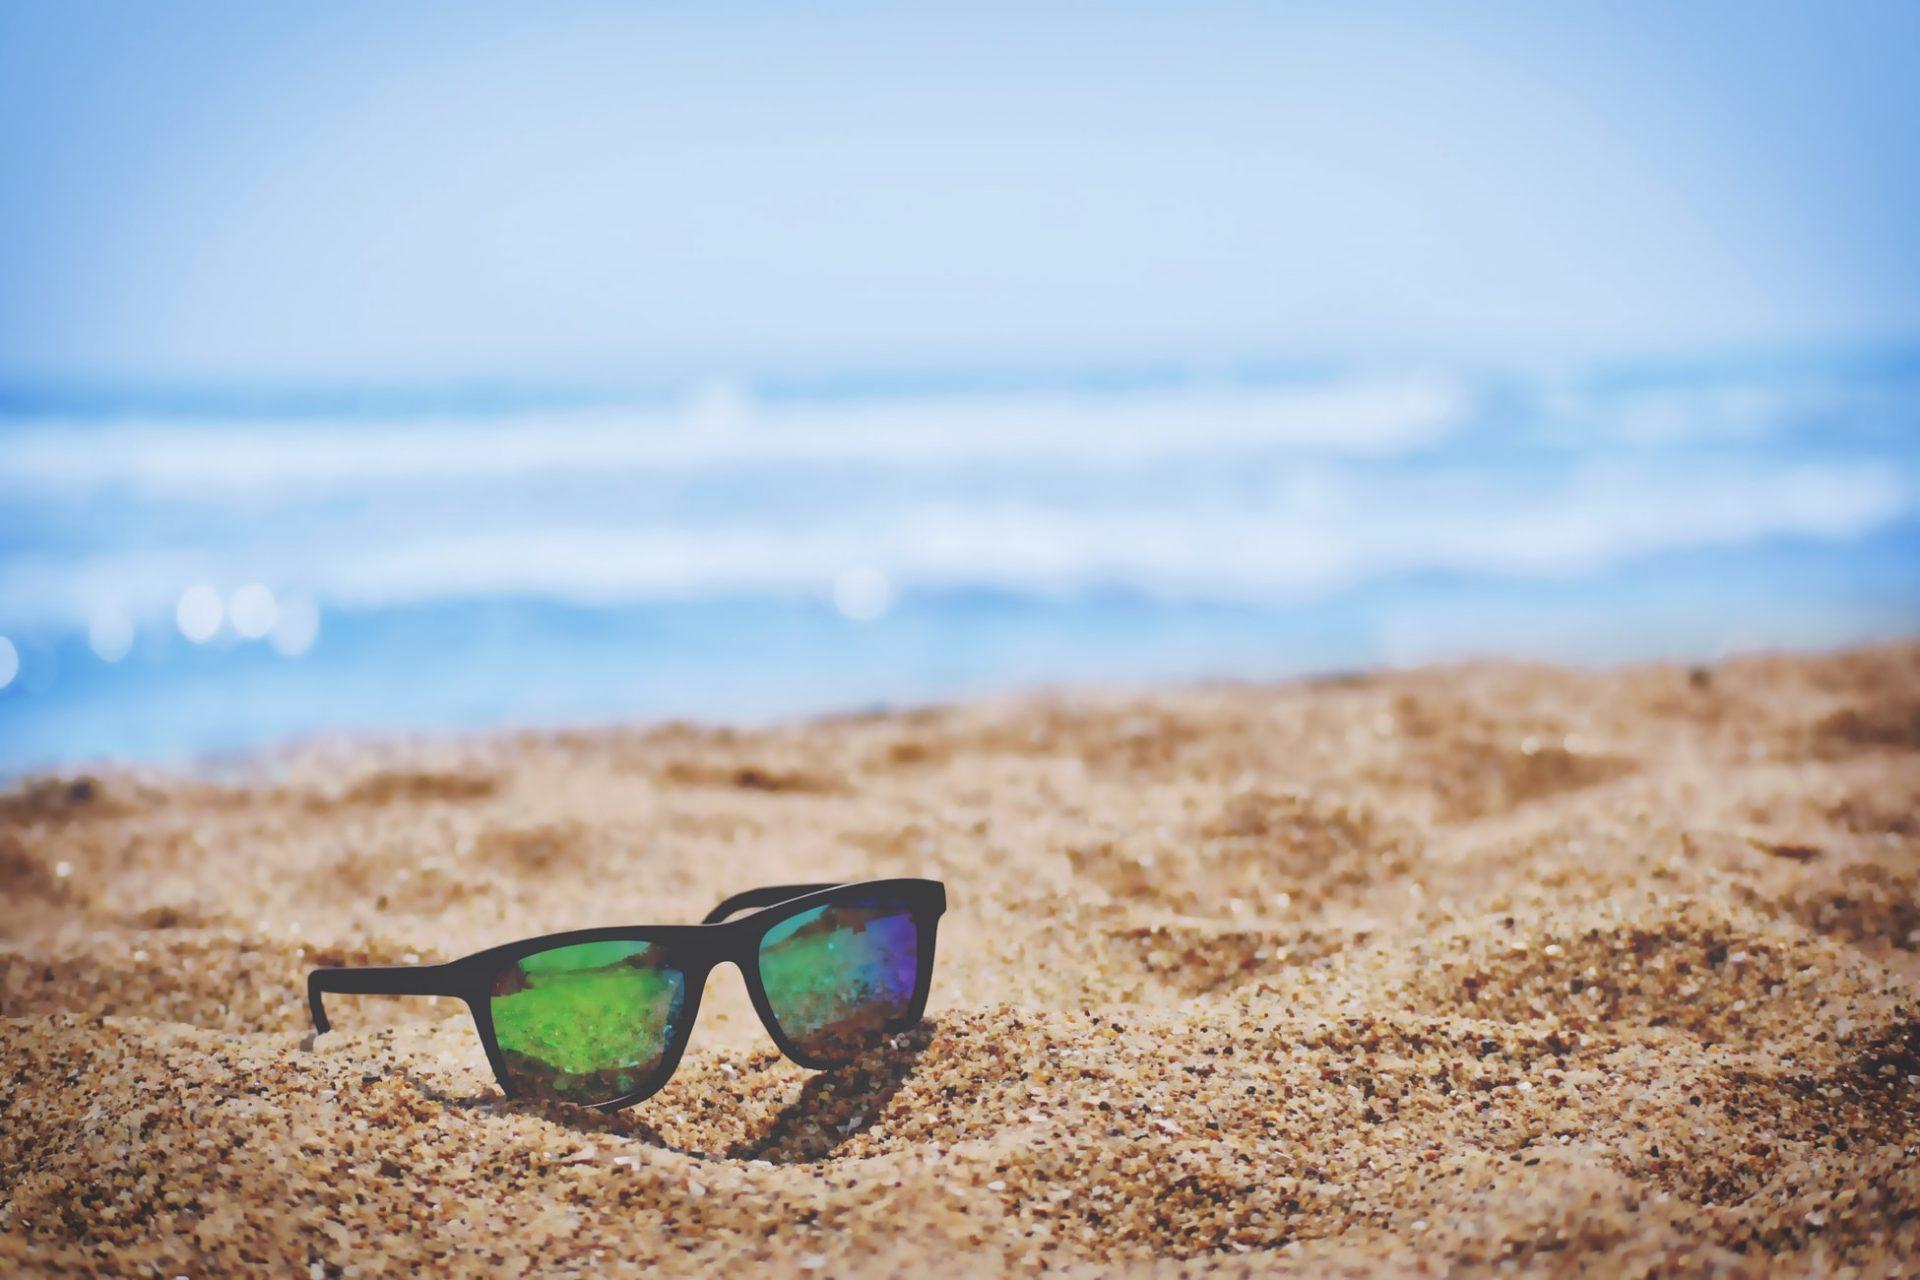 ochelari de soare pe plaja